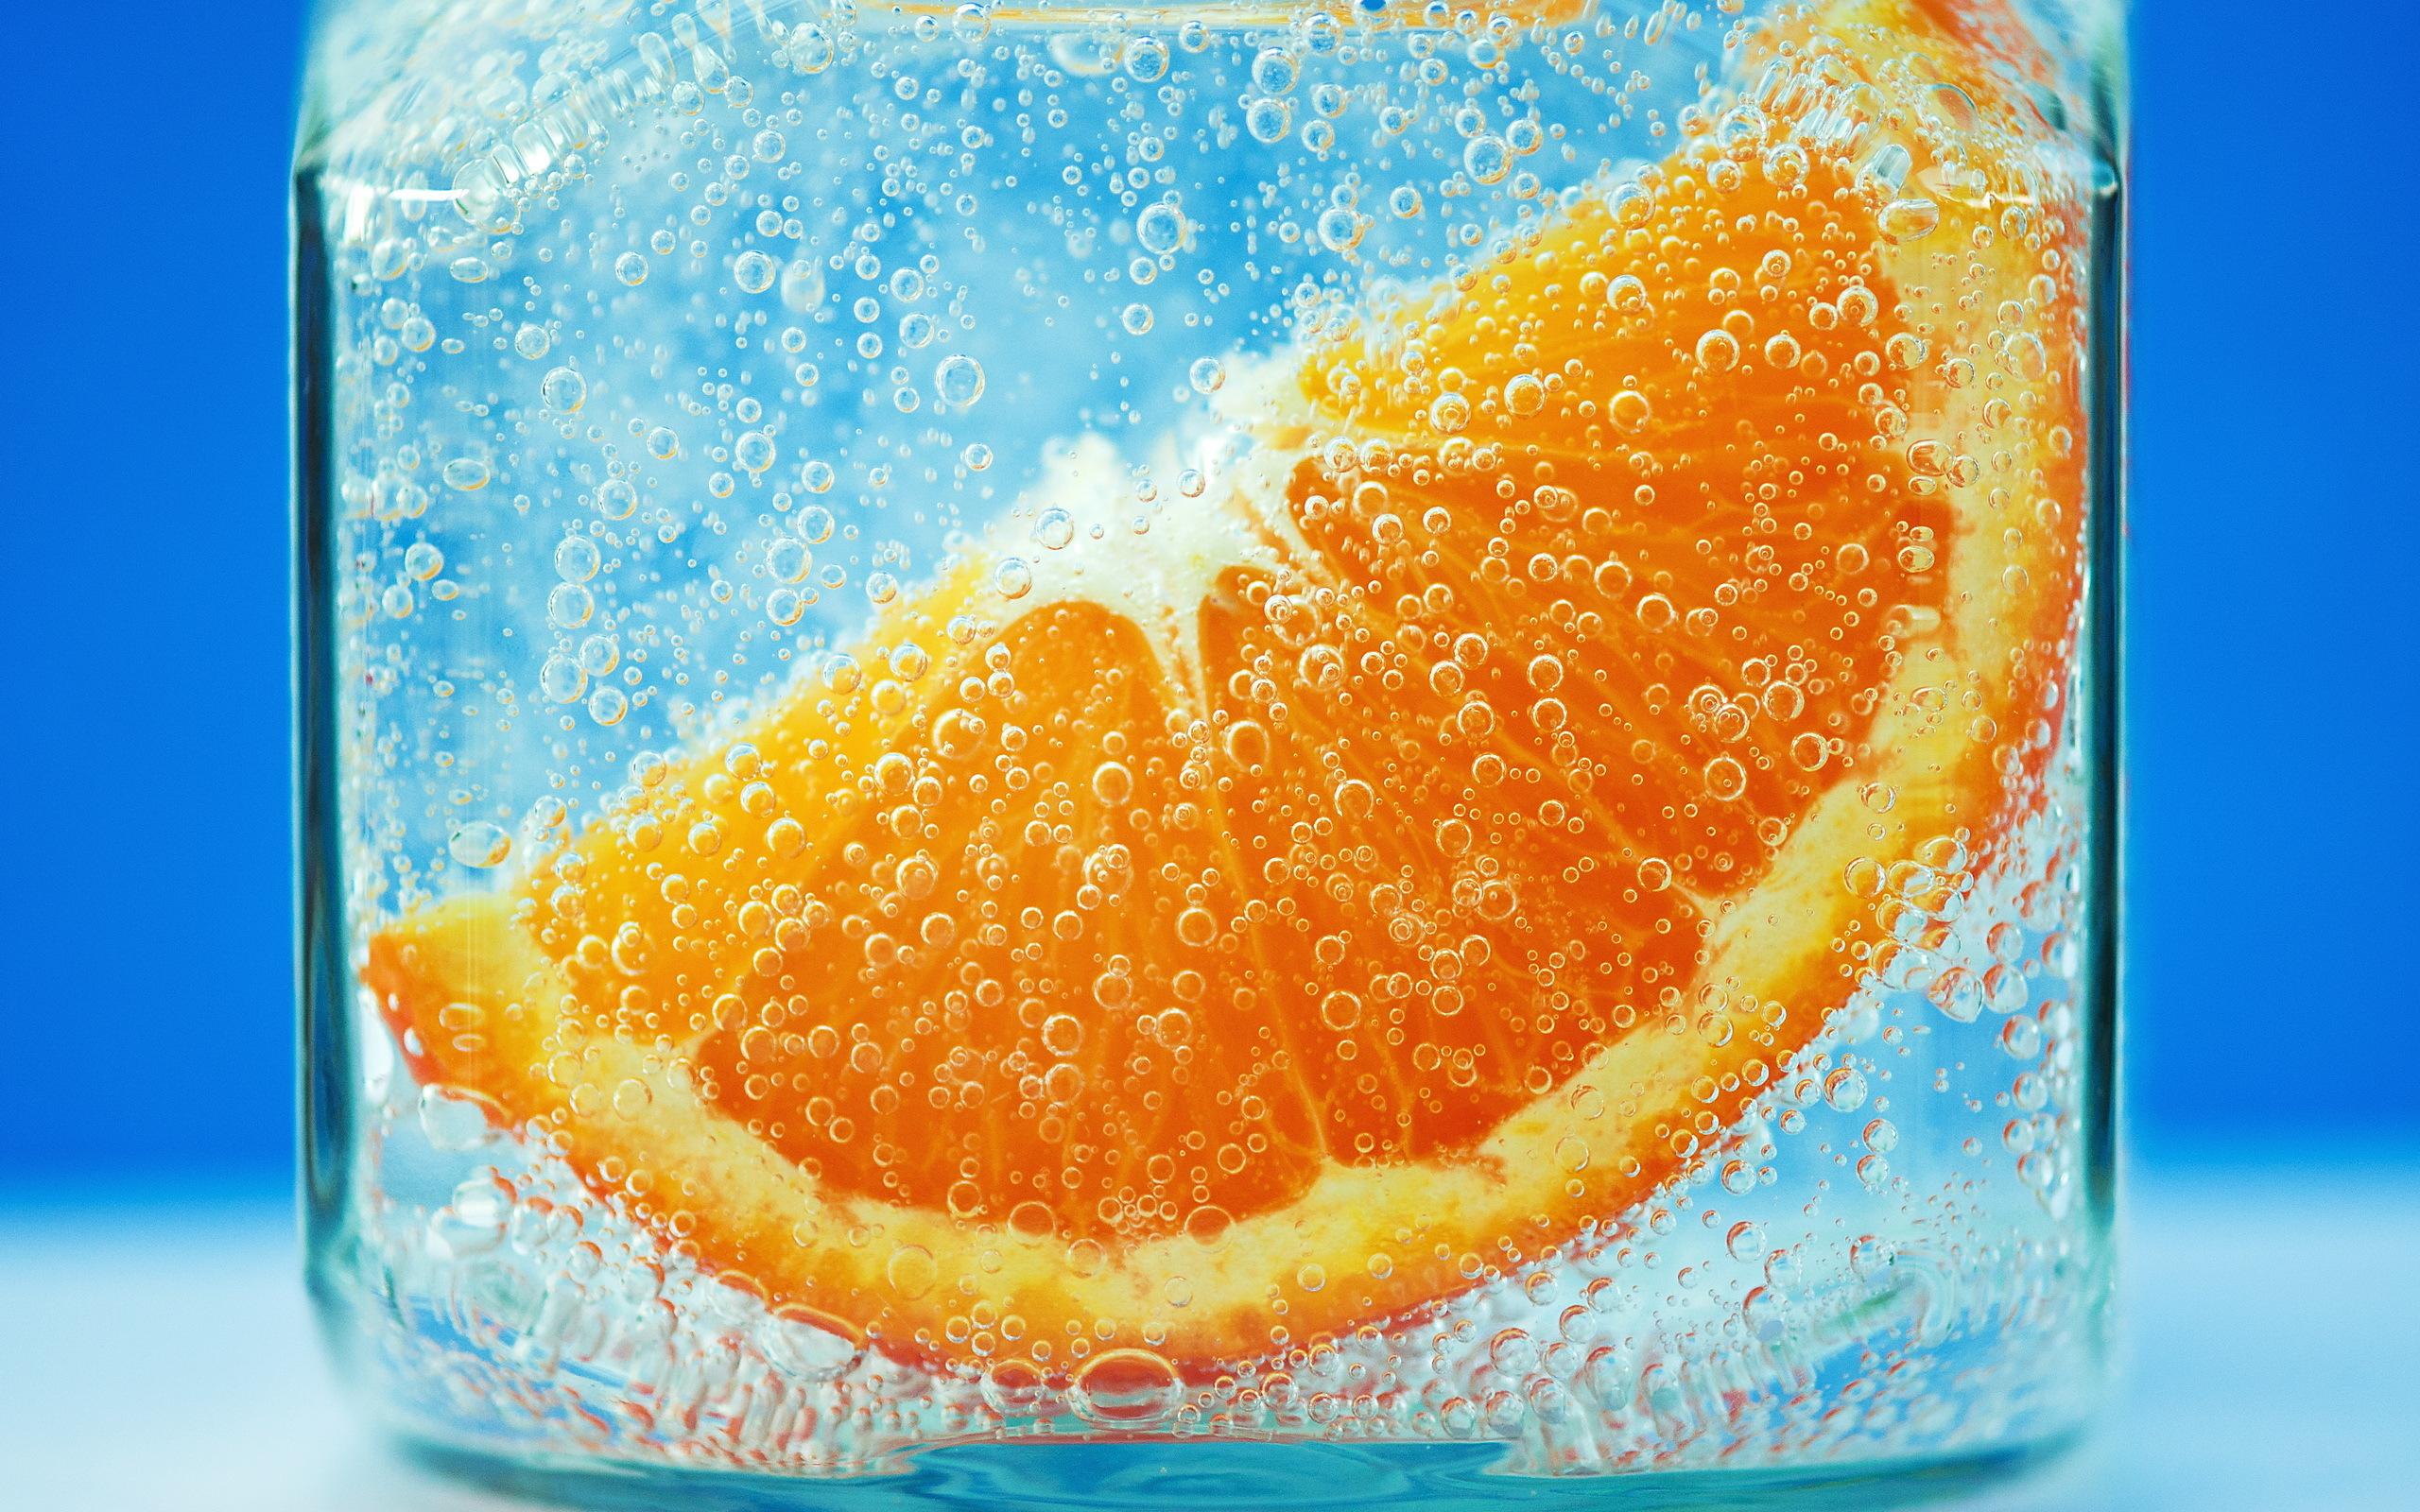 Дольки лимона в стакане  № 3698193 без смс